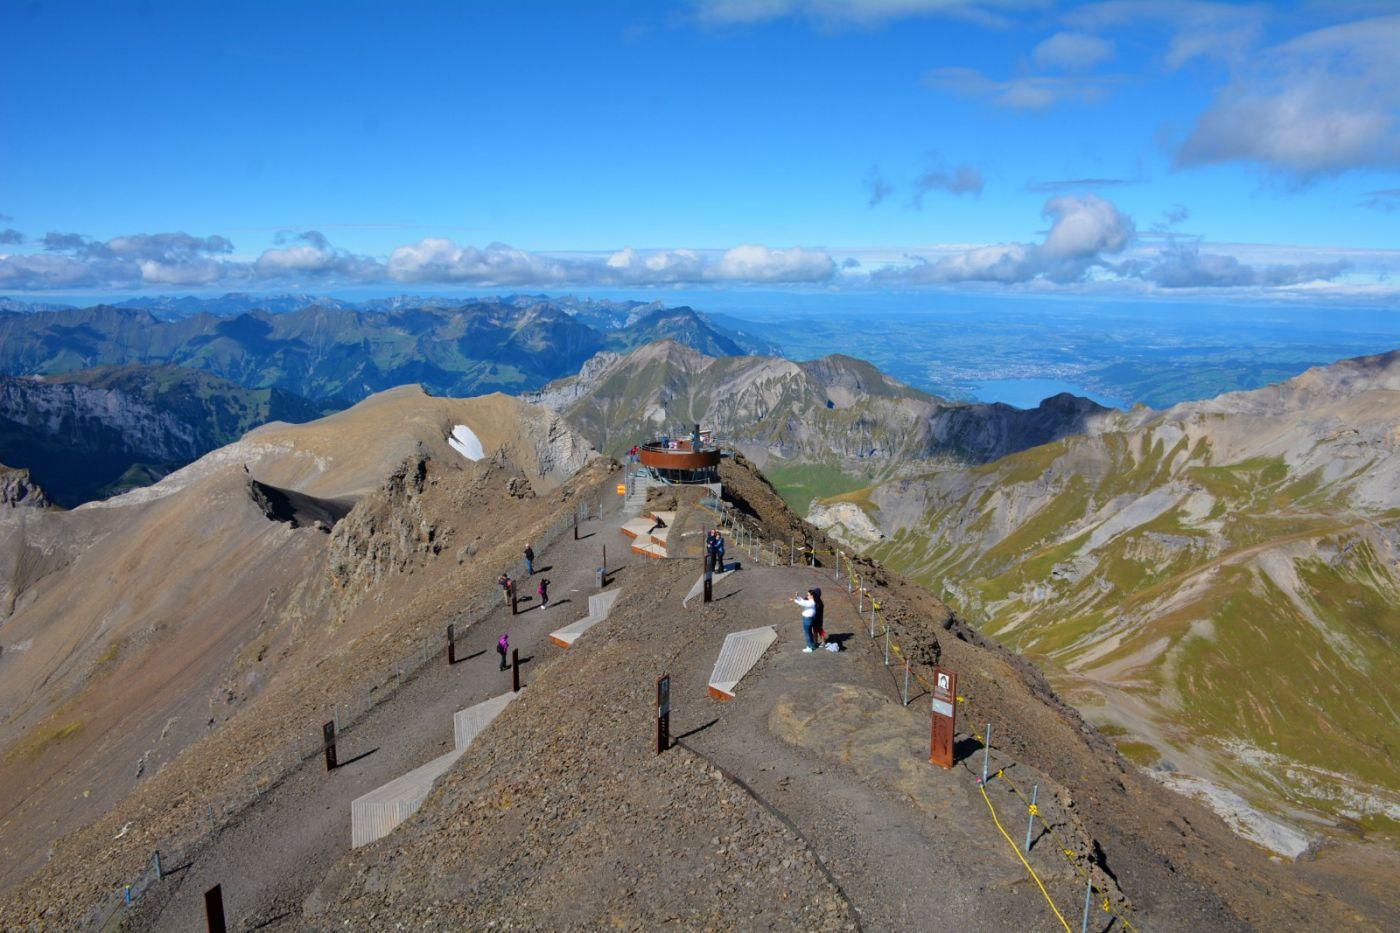 登上阿尔卑斯山遥望少女、勃朗峰_图1-4